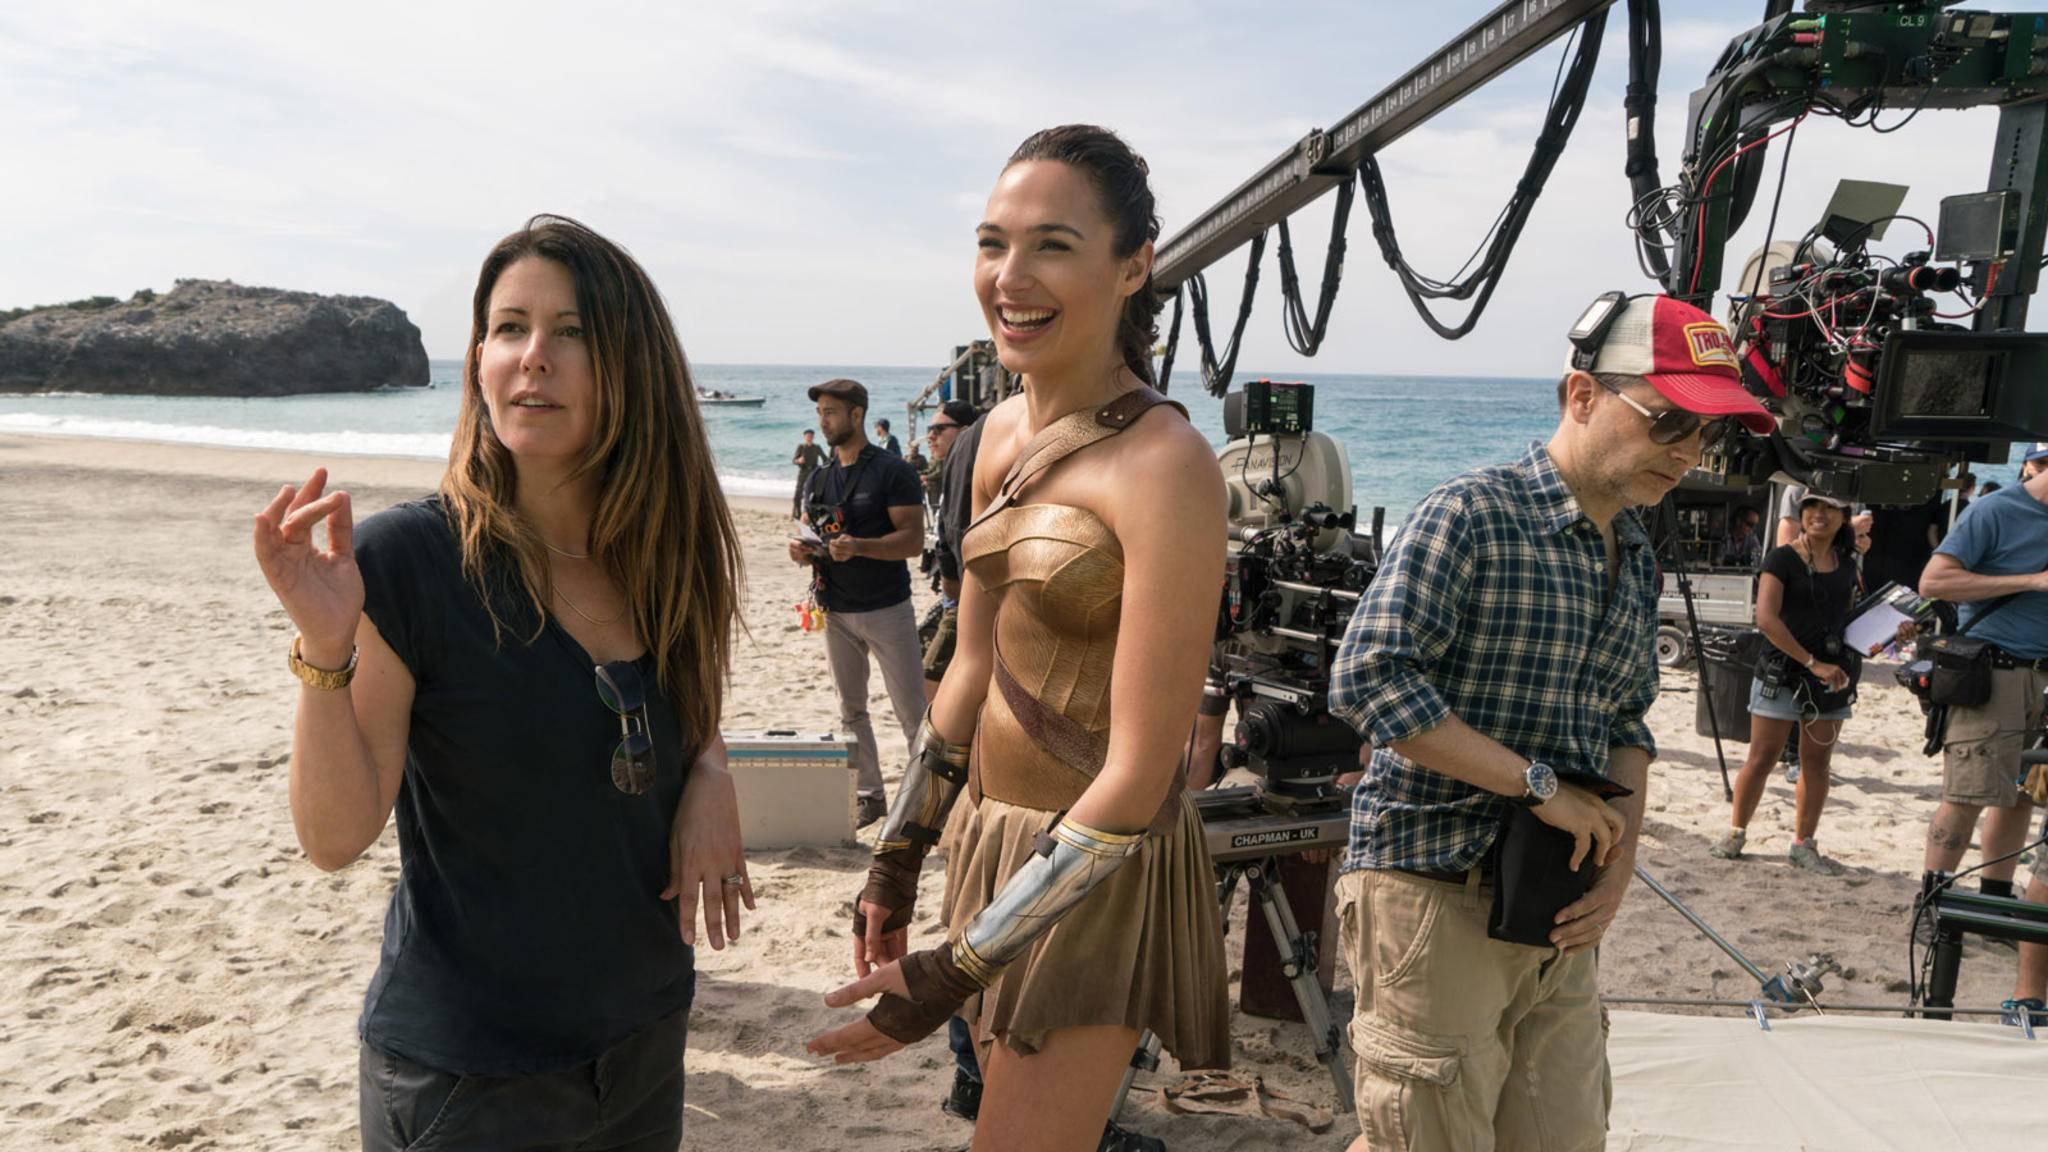 Regisseurin Patty Jenkins hat eine genaue Vorstellung davon, wie die Zukunft von Wonder Woman aussehen könnte.